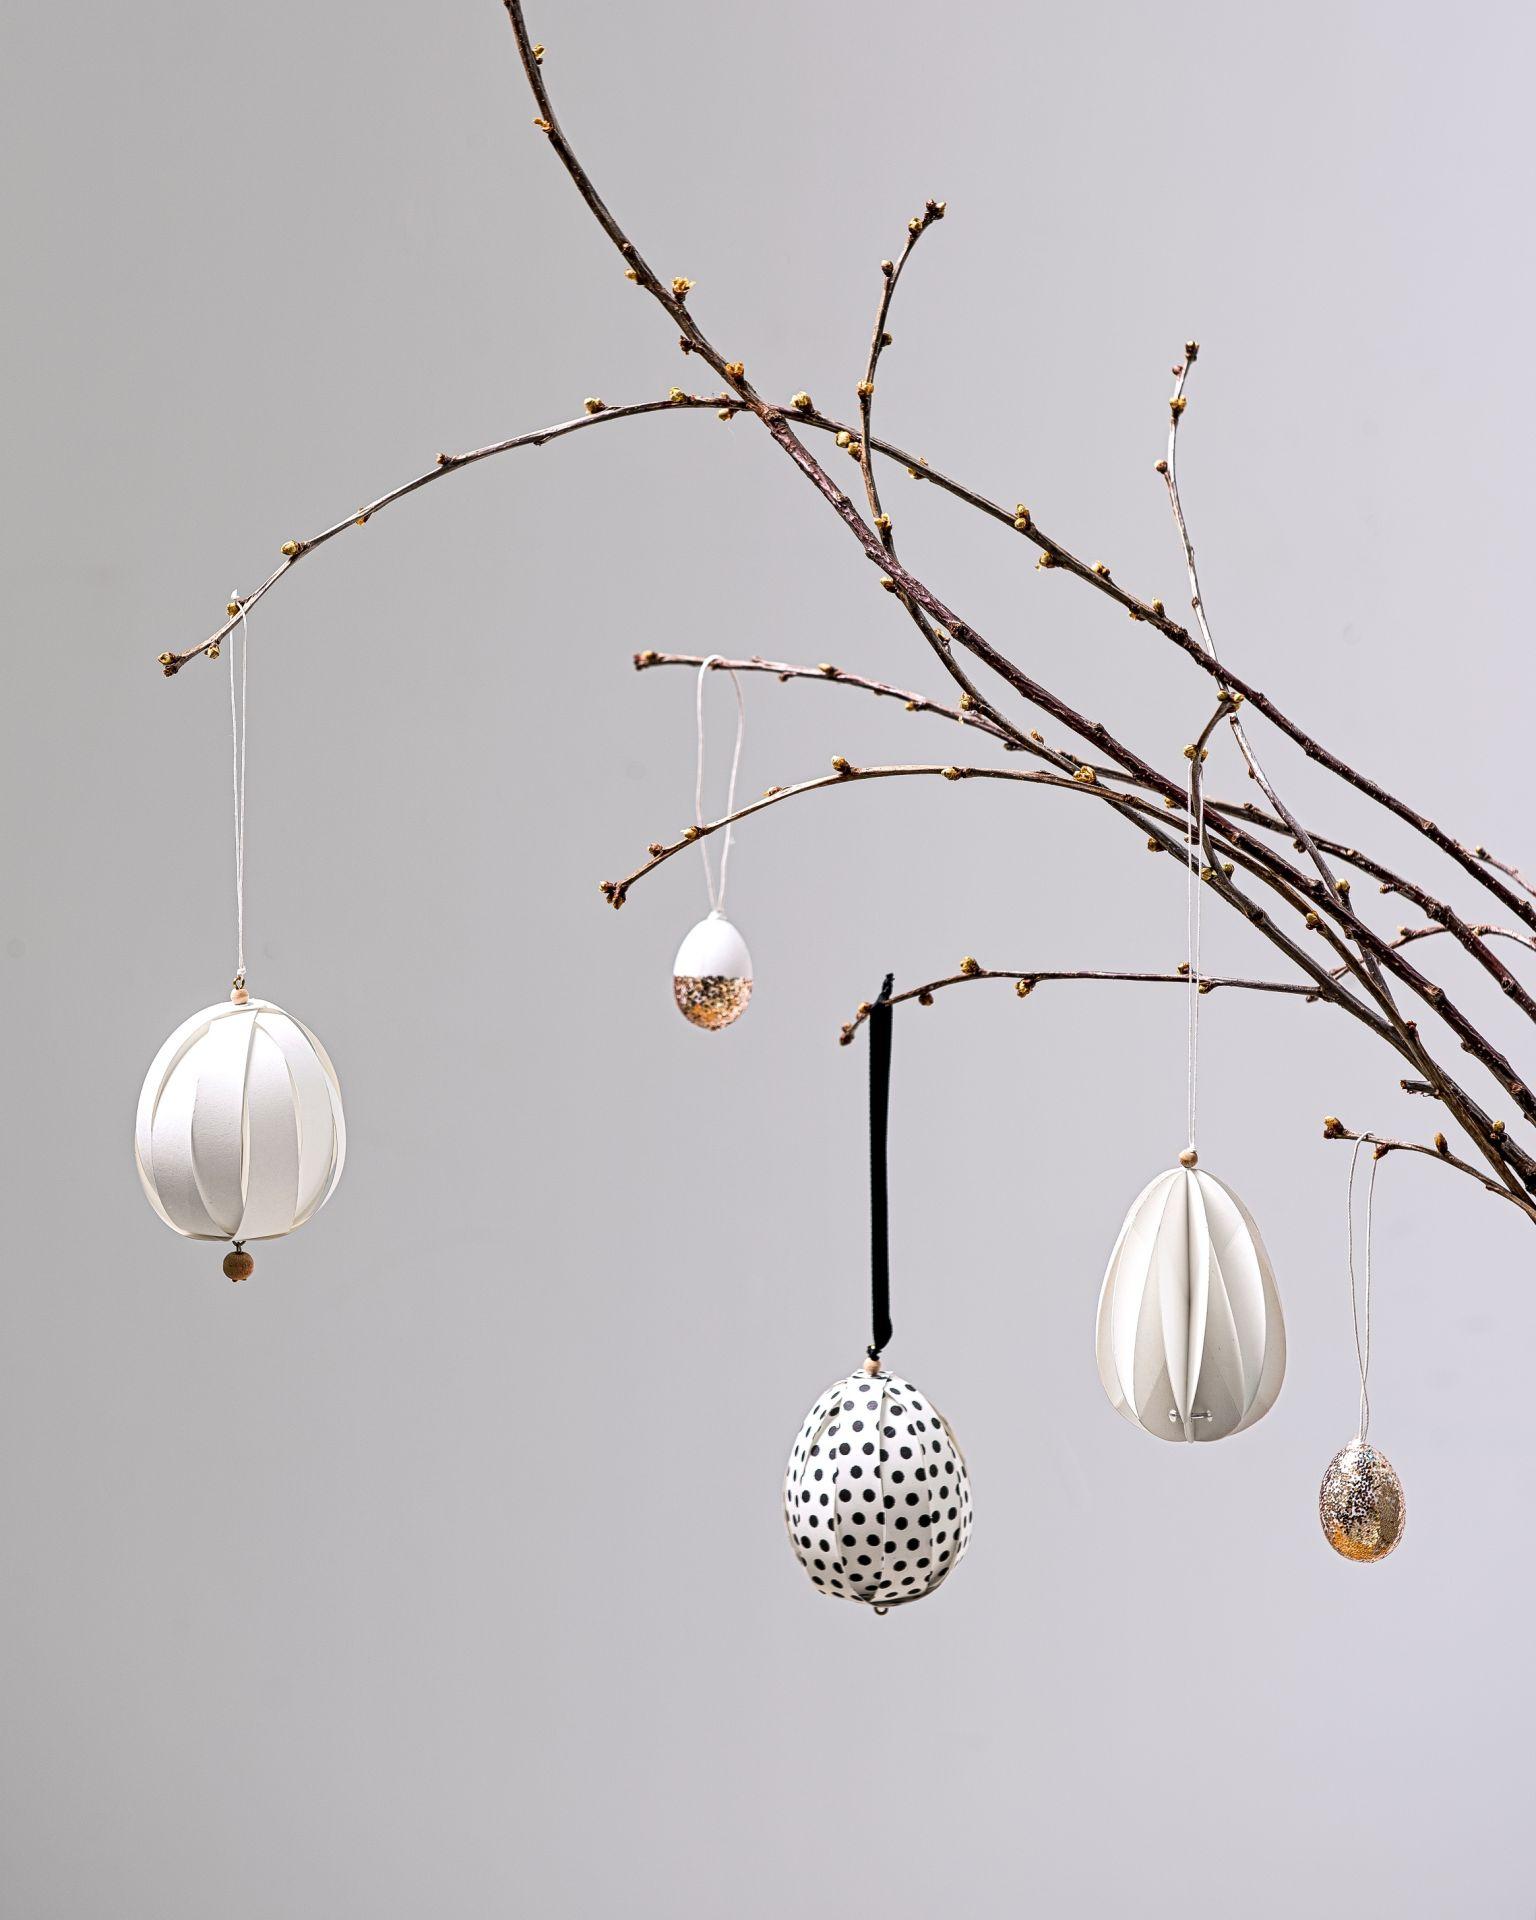 dekoračné vajíčka na vetvičke